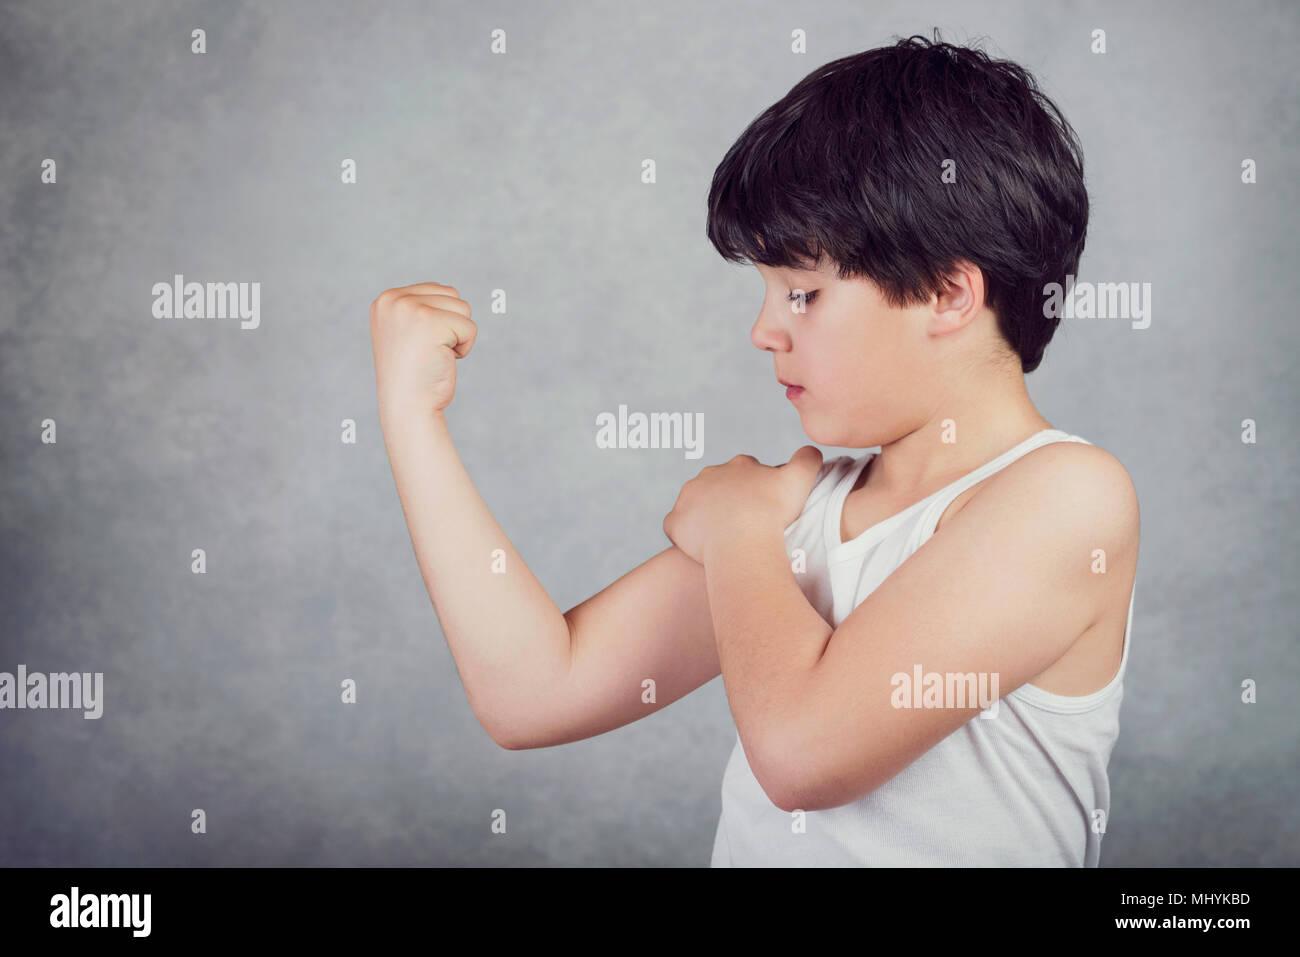 Kind seine Muskeln auf grauem Hintergrund angezeigt. Stockbild